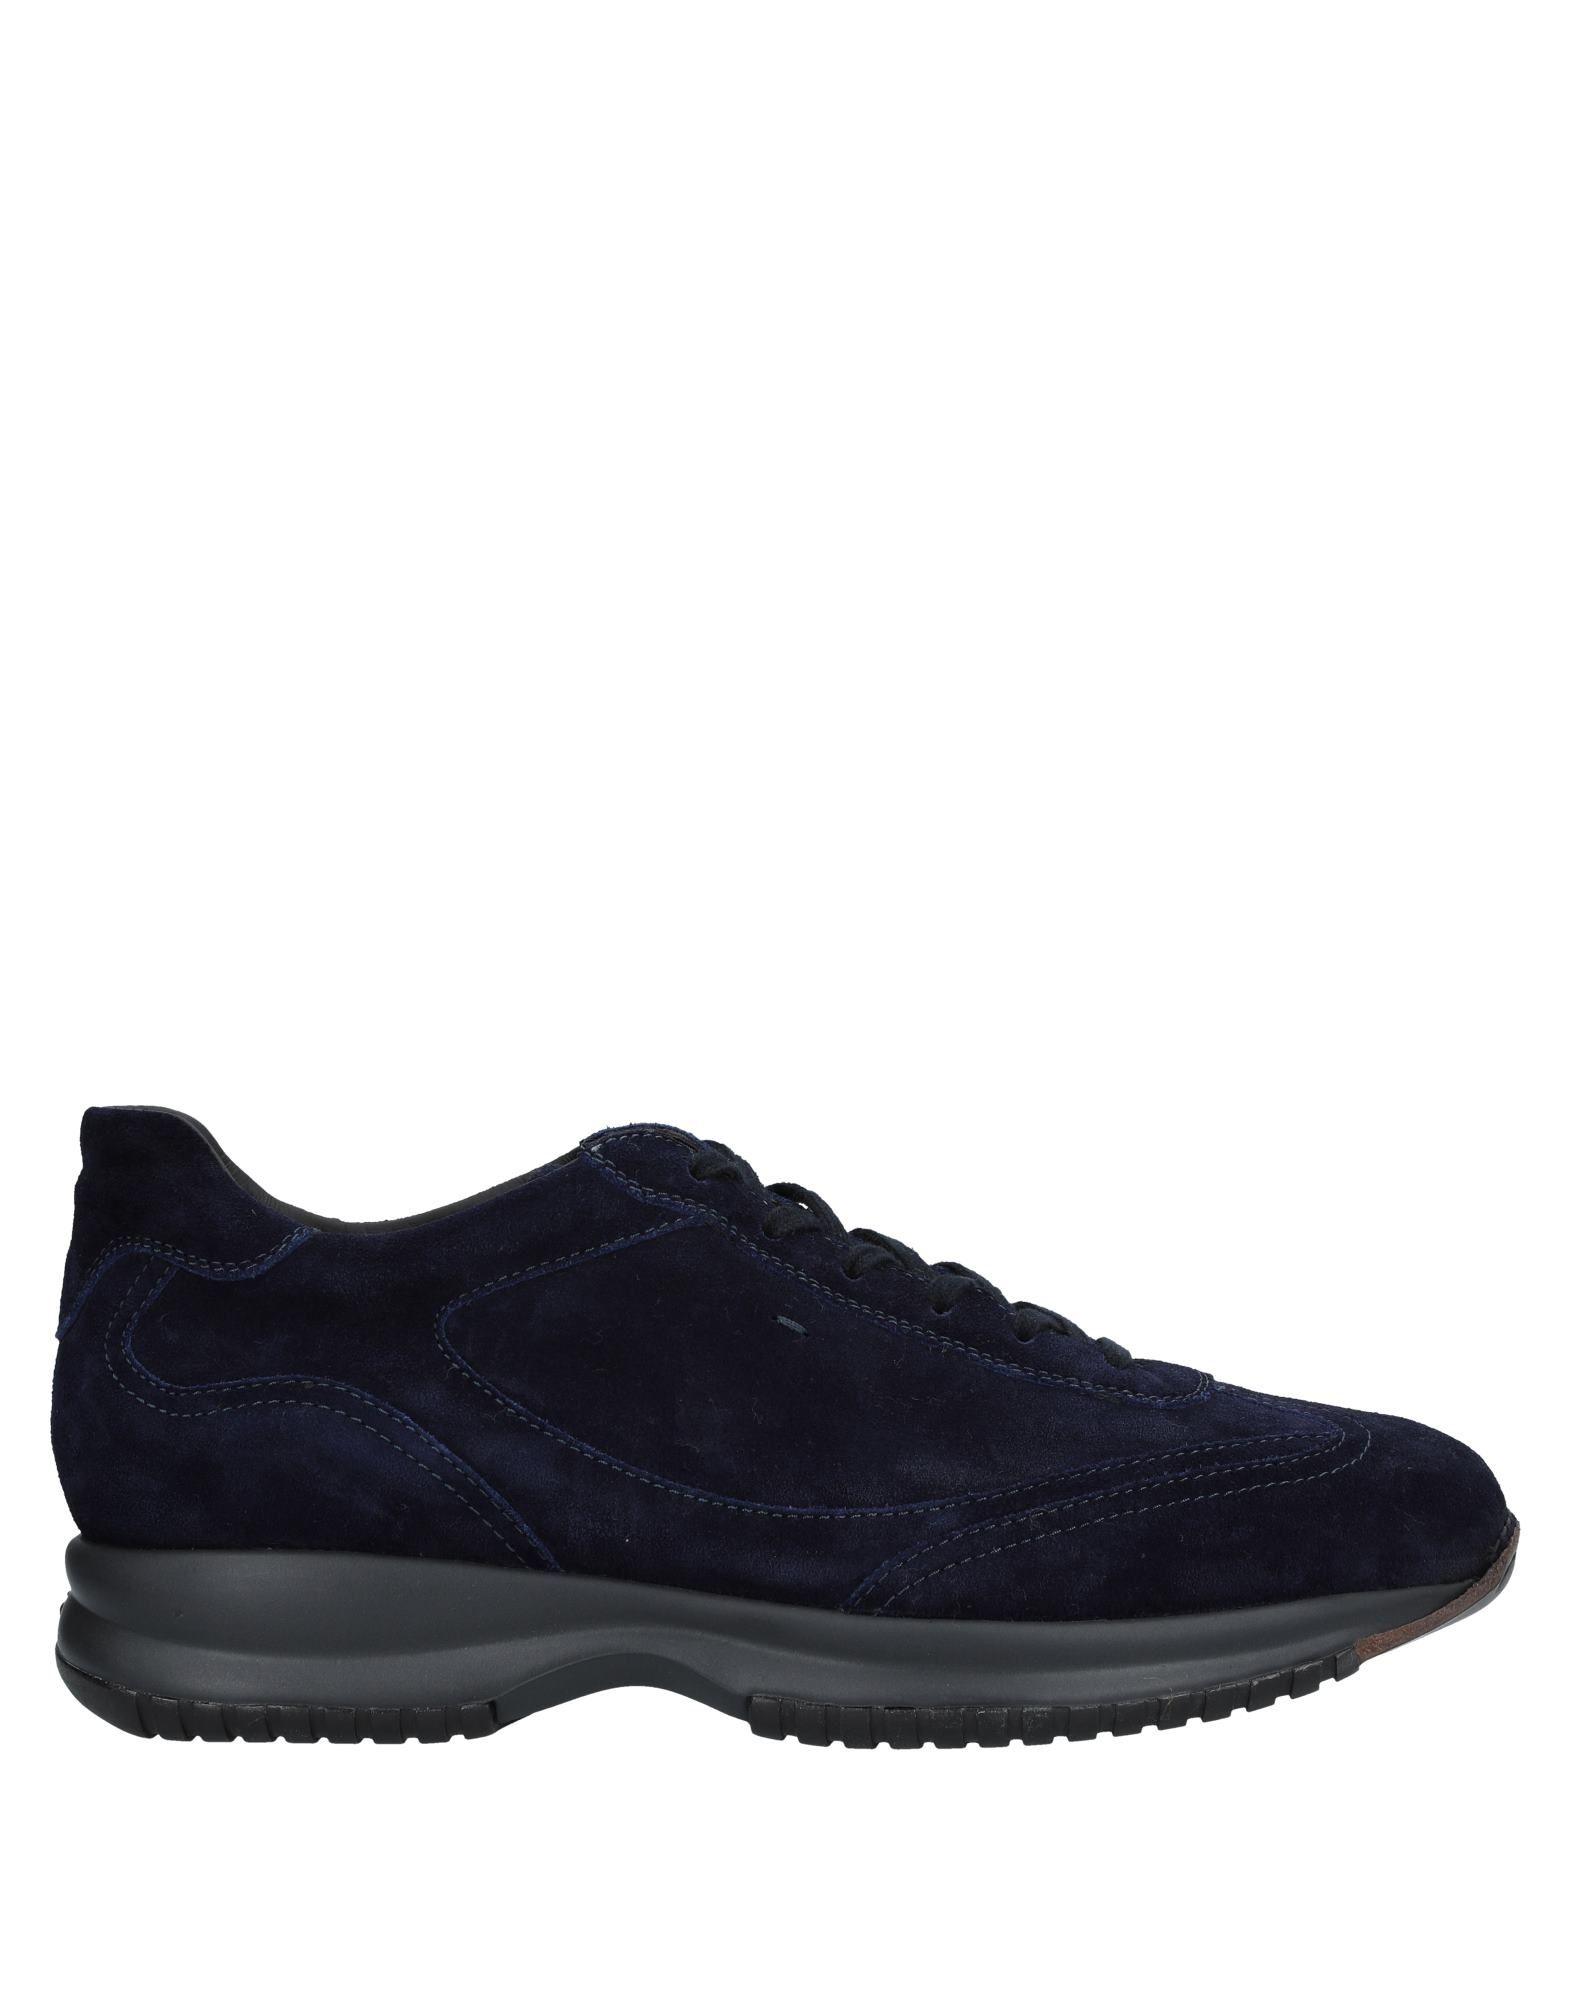 Santoni Sneakers Herren  beliebte 11534040TI Gute Qualität beliebte  Schuhe 8c7969